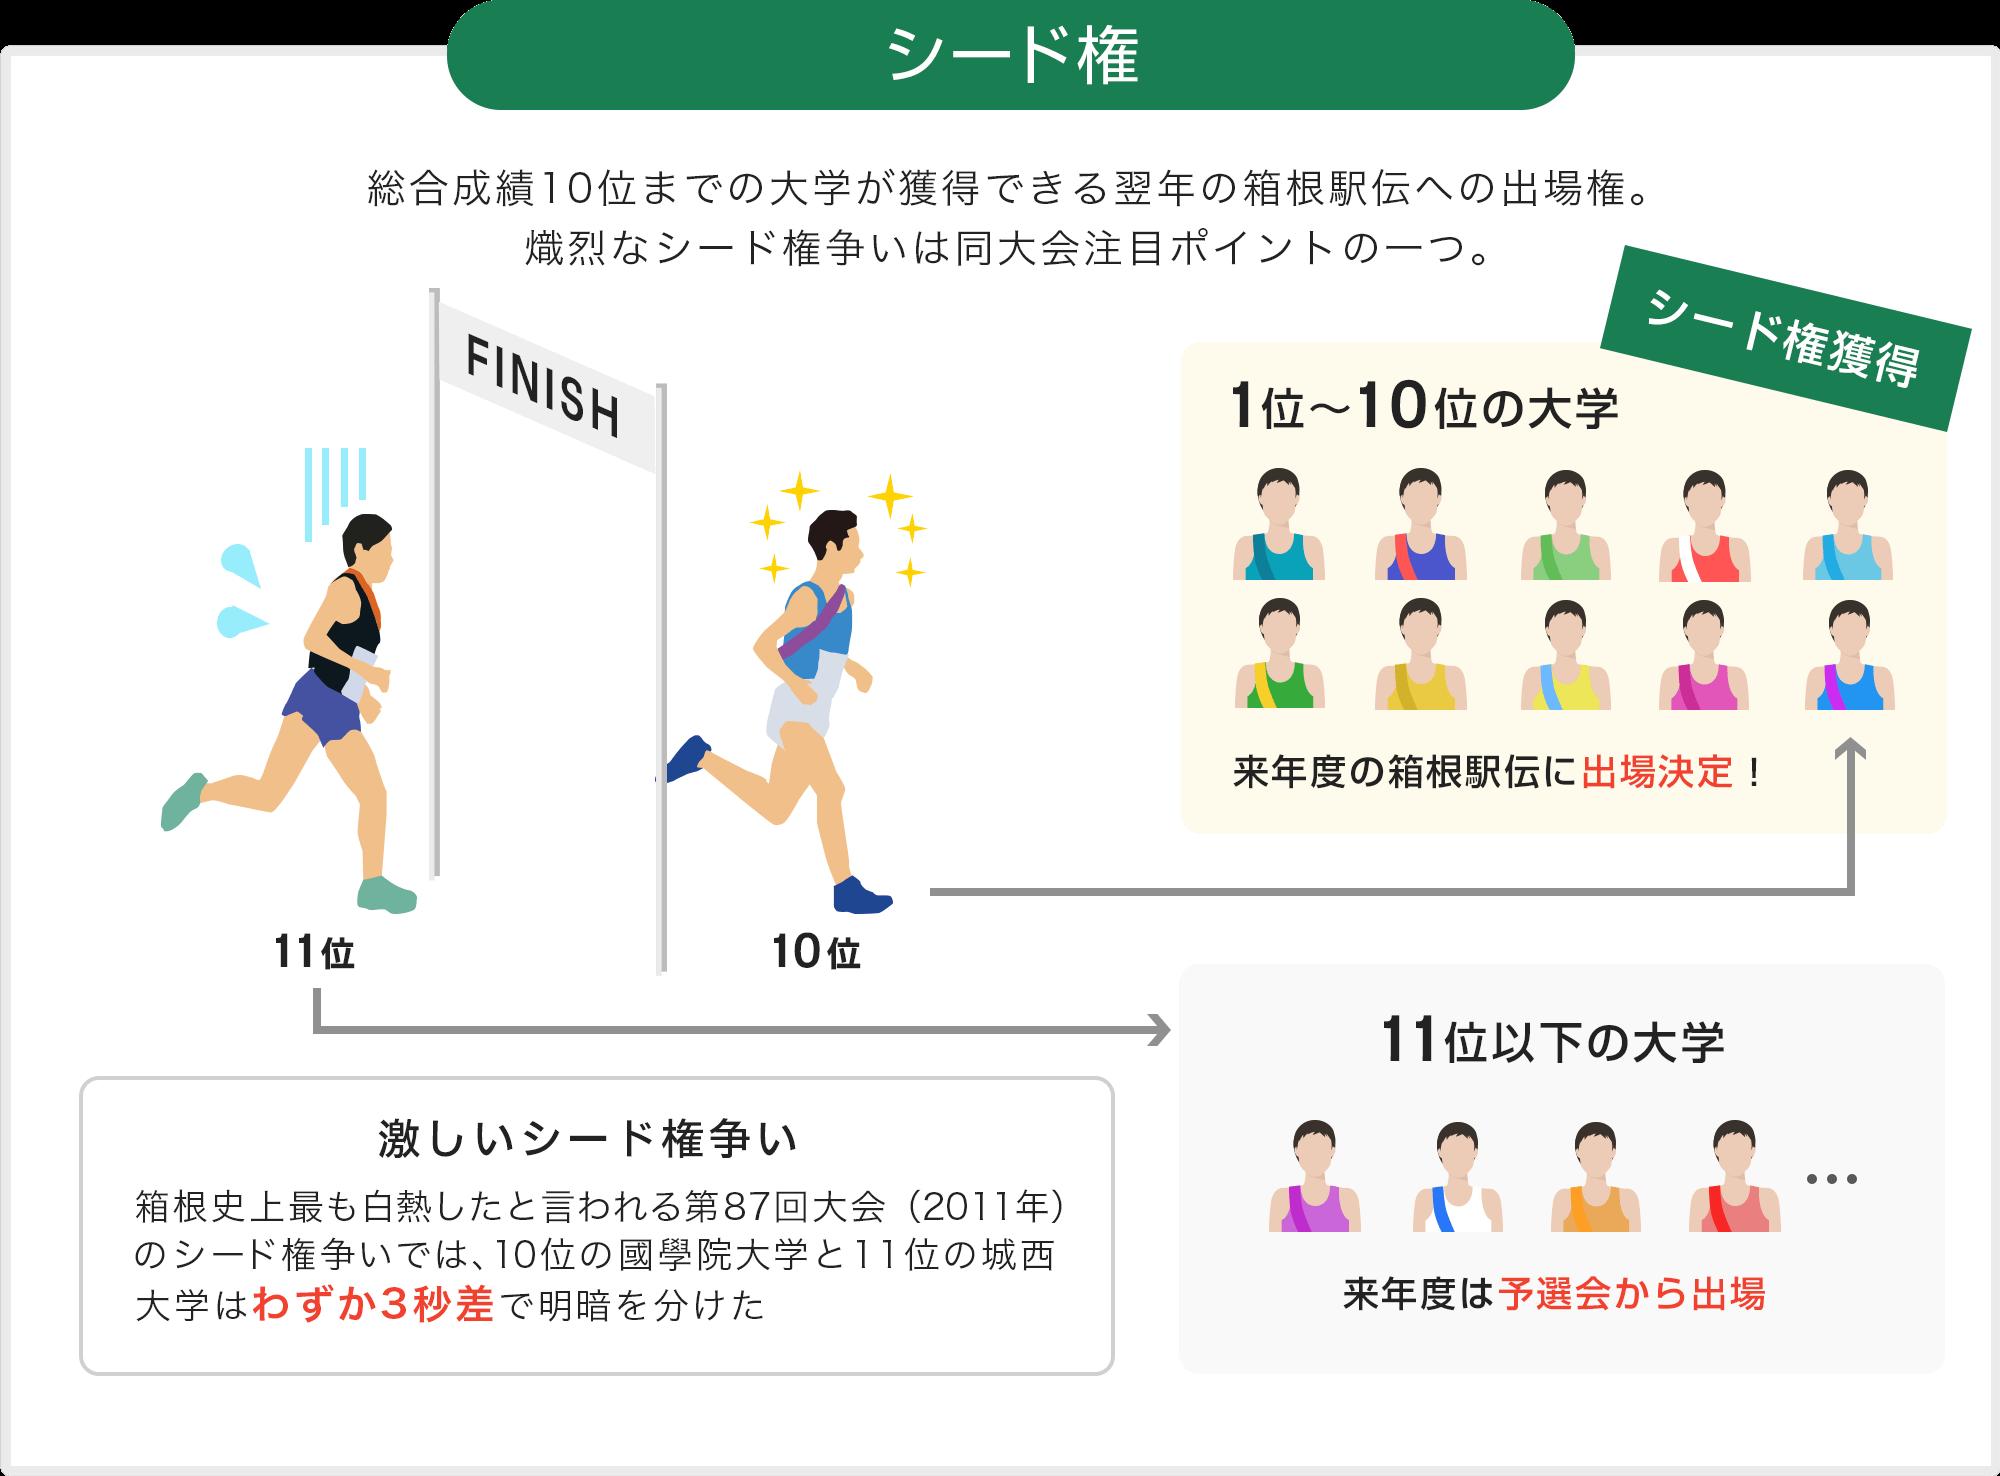 シード権 総合成績10位までの大学が獲得できる翌年の箱根駅伝への出場権